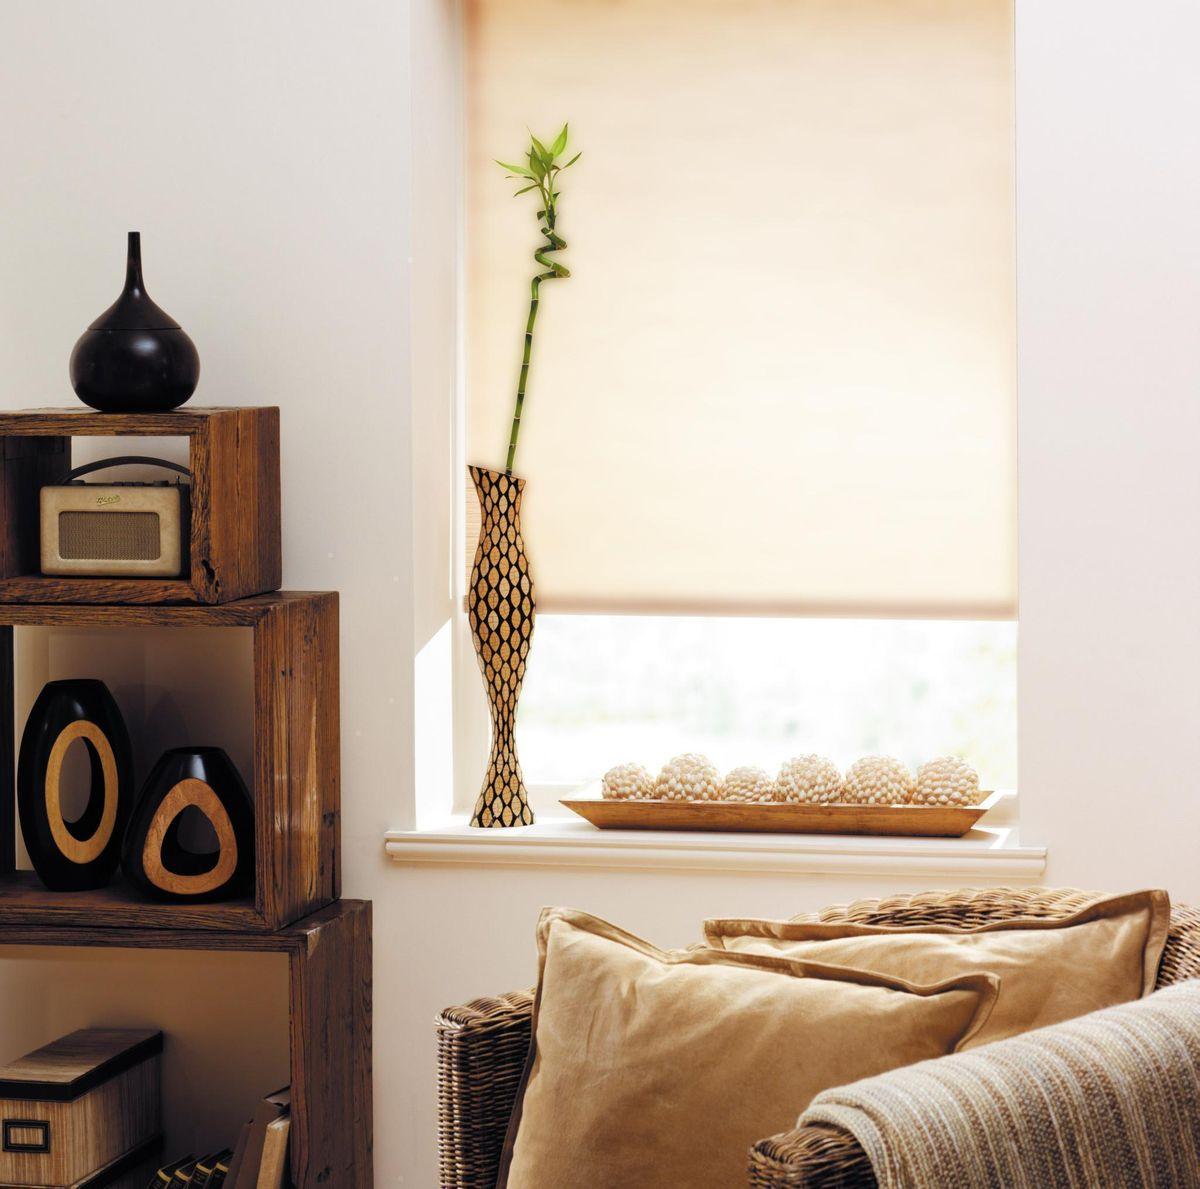 Штора рулонная Эскар, цвет: бежевый лен, ширина 180 см, высота 170 см80409180170Рулонными шторами можно оформлять окна как самостоятельно, так и использовать в комбинации с портьерами. Это поможет предотвратить выгорание дорогой ткани на солнце и соединит функционал рулонных с красотой навесных. Преимущества применения рулонных штор для пластиковых окон: - имеют прекрасный внешний вид: многообразие и фактурность материала изделия отлично смотрятся в любом интерьере; - многофункциональны: есть возможность подобрать шторы способные эффективно защитить комнату от солнца, при этом она не будет слишком темной. - Есть возможность осуществить быстрый монтаж. ВНИМАНИЕ! Размеры ширины изделия указаны по ширине ткани! Во время эксплуатации не рекомендуется полностью разматывать рулон, чтобы не оторвать ткань от намоточного вала. В случае загрязнения поверхности ткани, чистку шторы проводят одним из способов, в зависимости от типа загрязнения: легкое поверхностное загрязнение можно удалить при помощи канцелярского ластика; чистка от пыли производится сухим методом при...